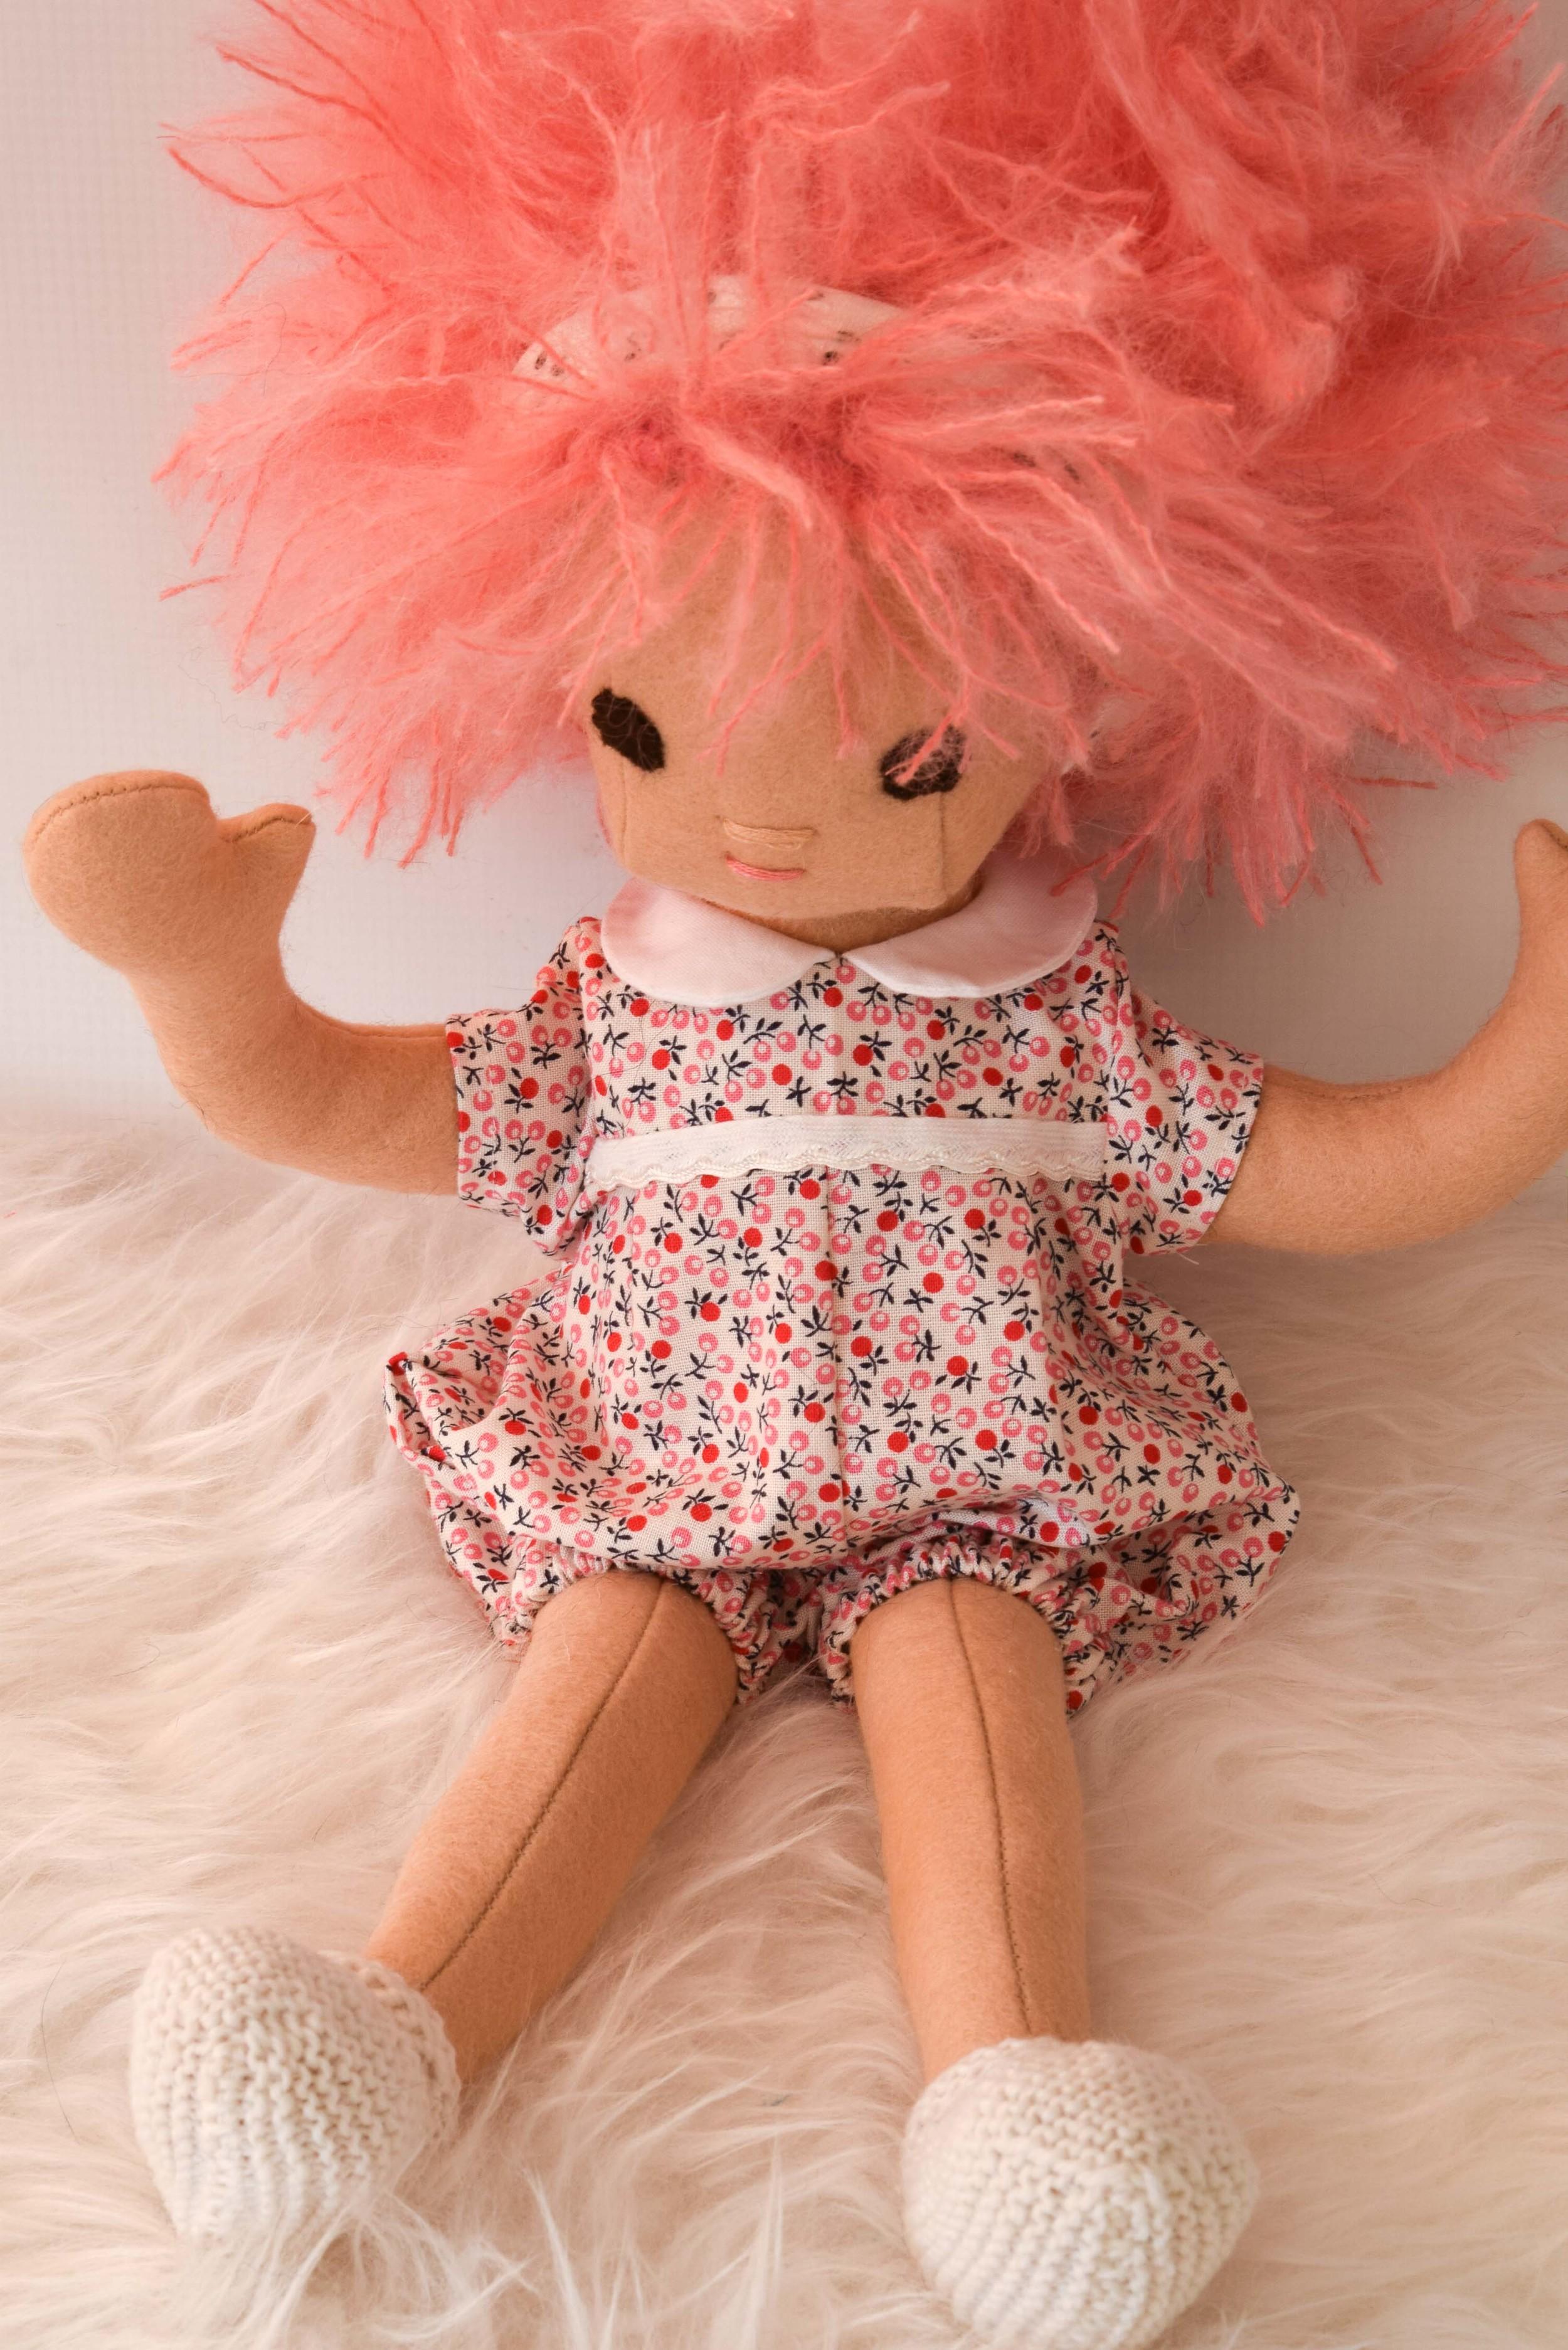 Baby Egg Rag doll